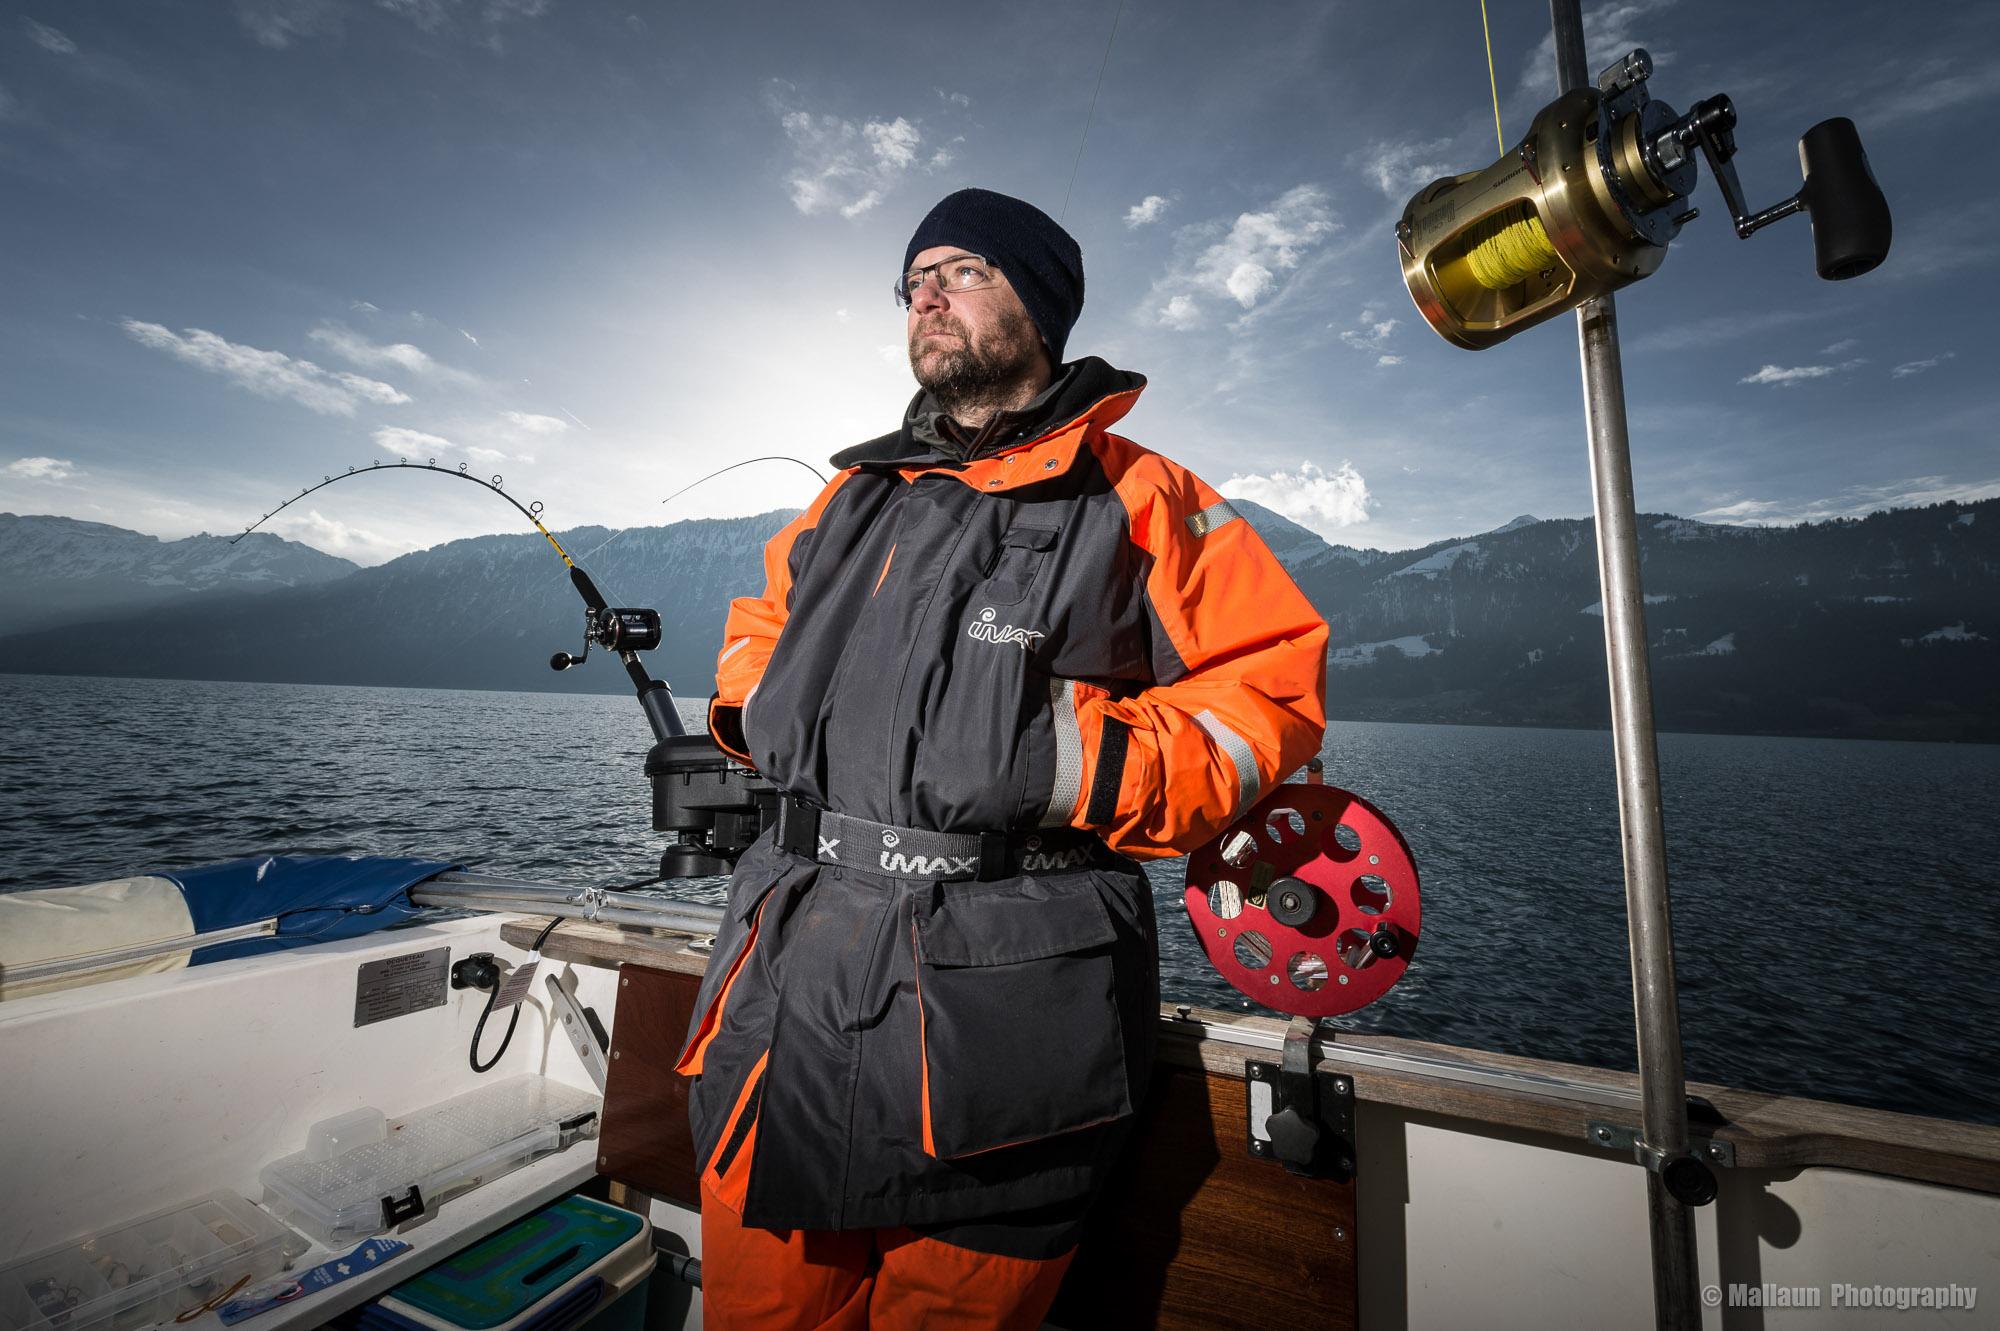 Phils grosse Passion ist das Fischen © Mallaun Photography